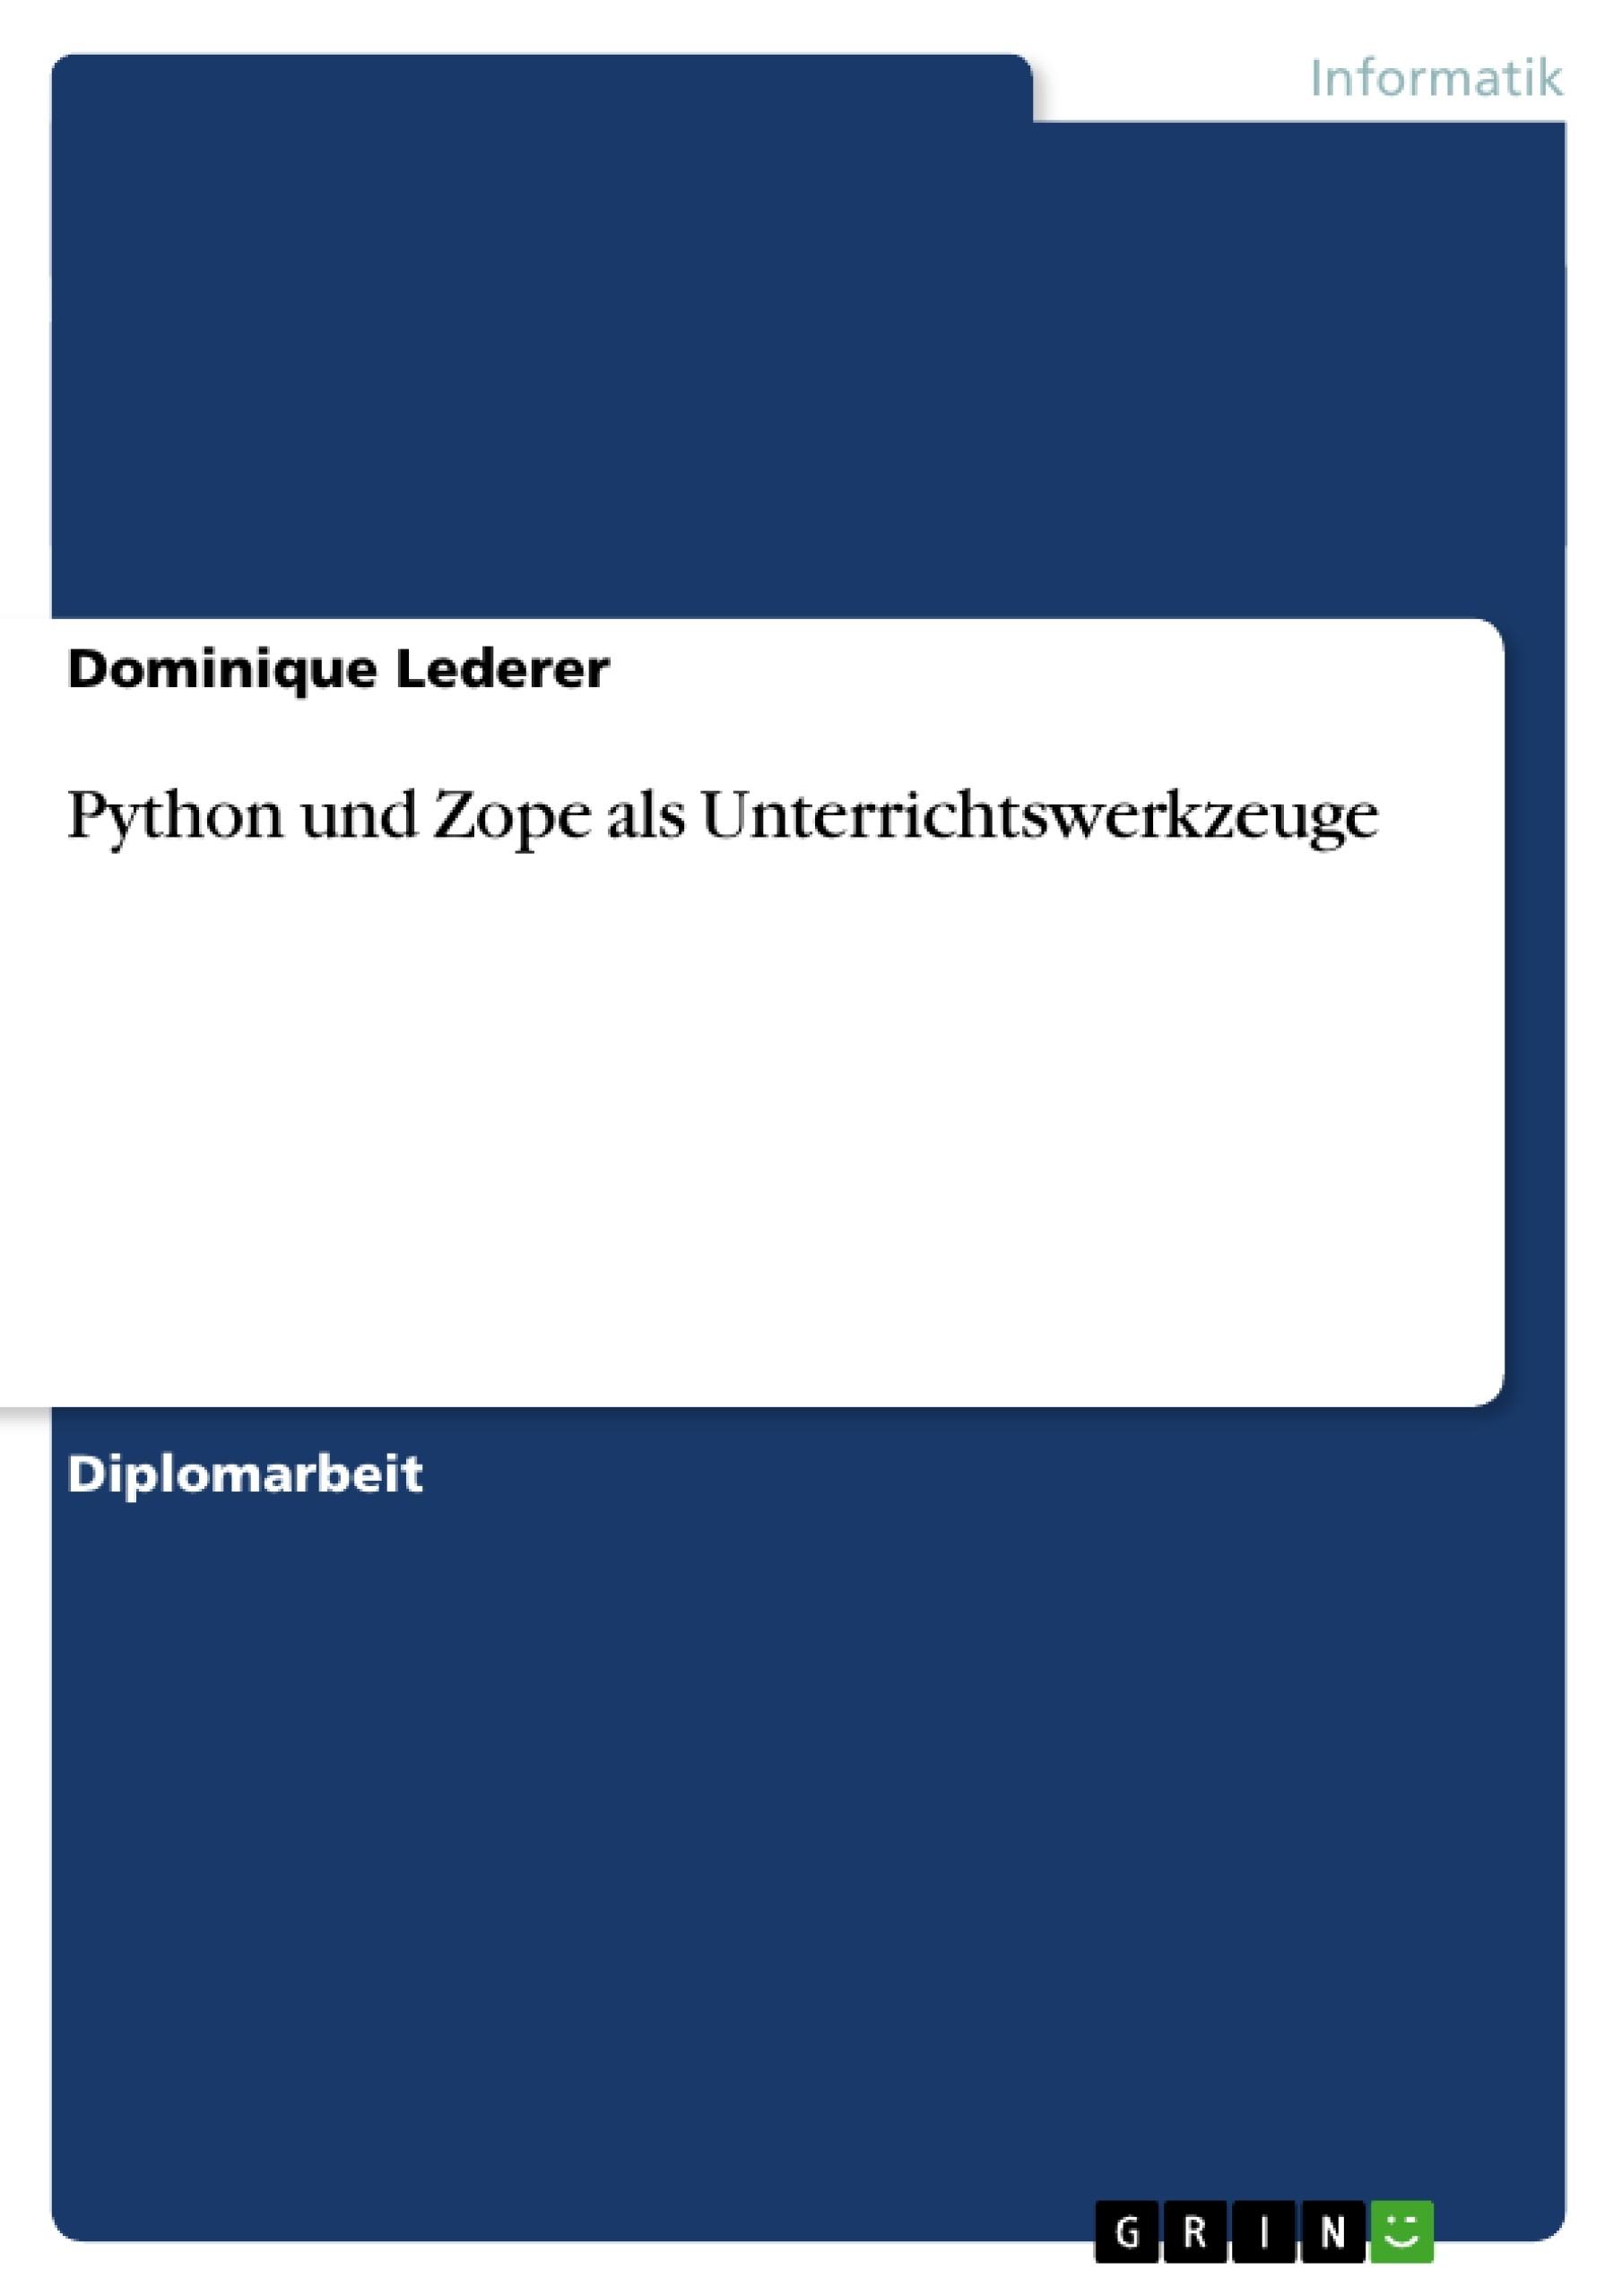 Titel: Python und Zope als Unterrichtswerkzeuge